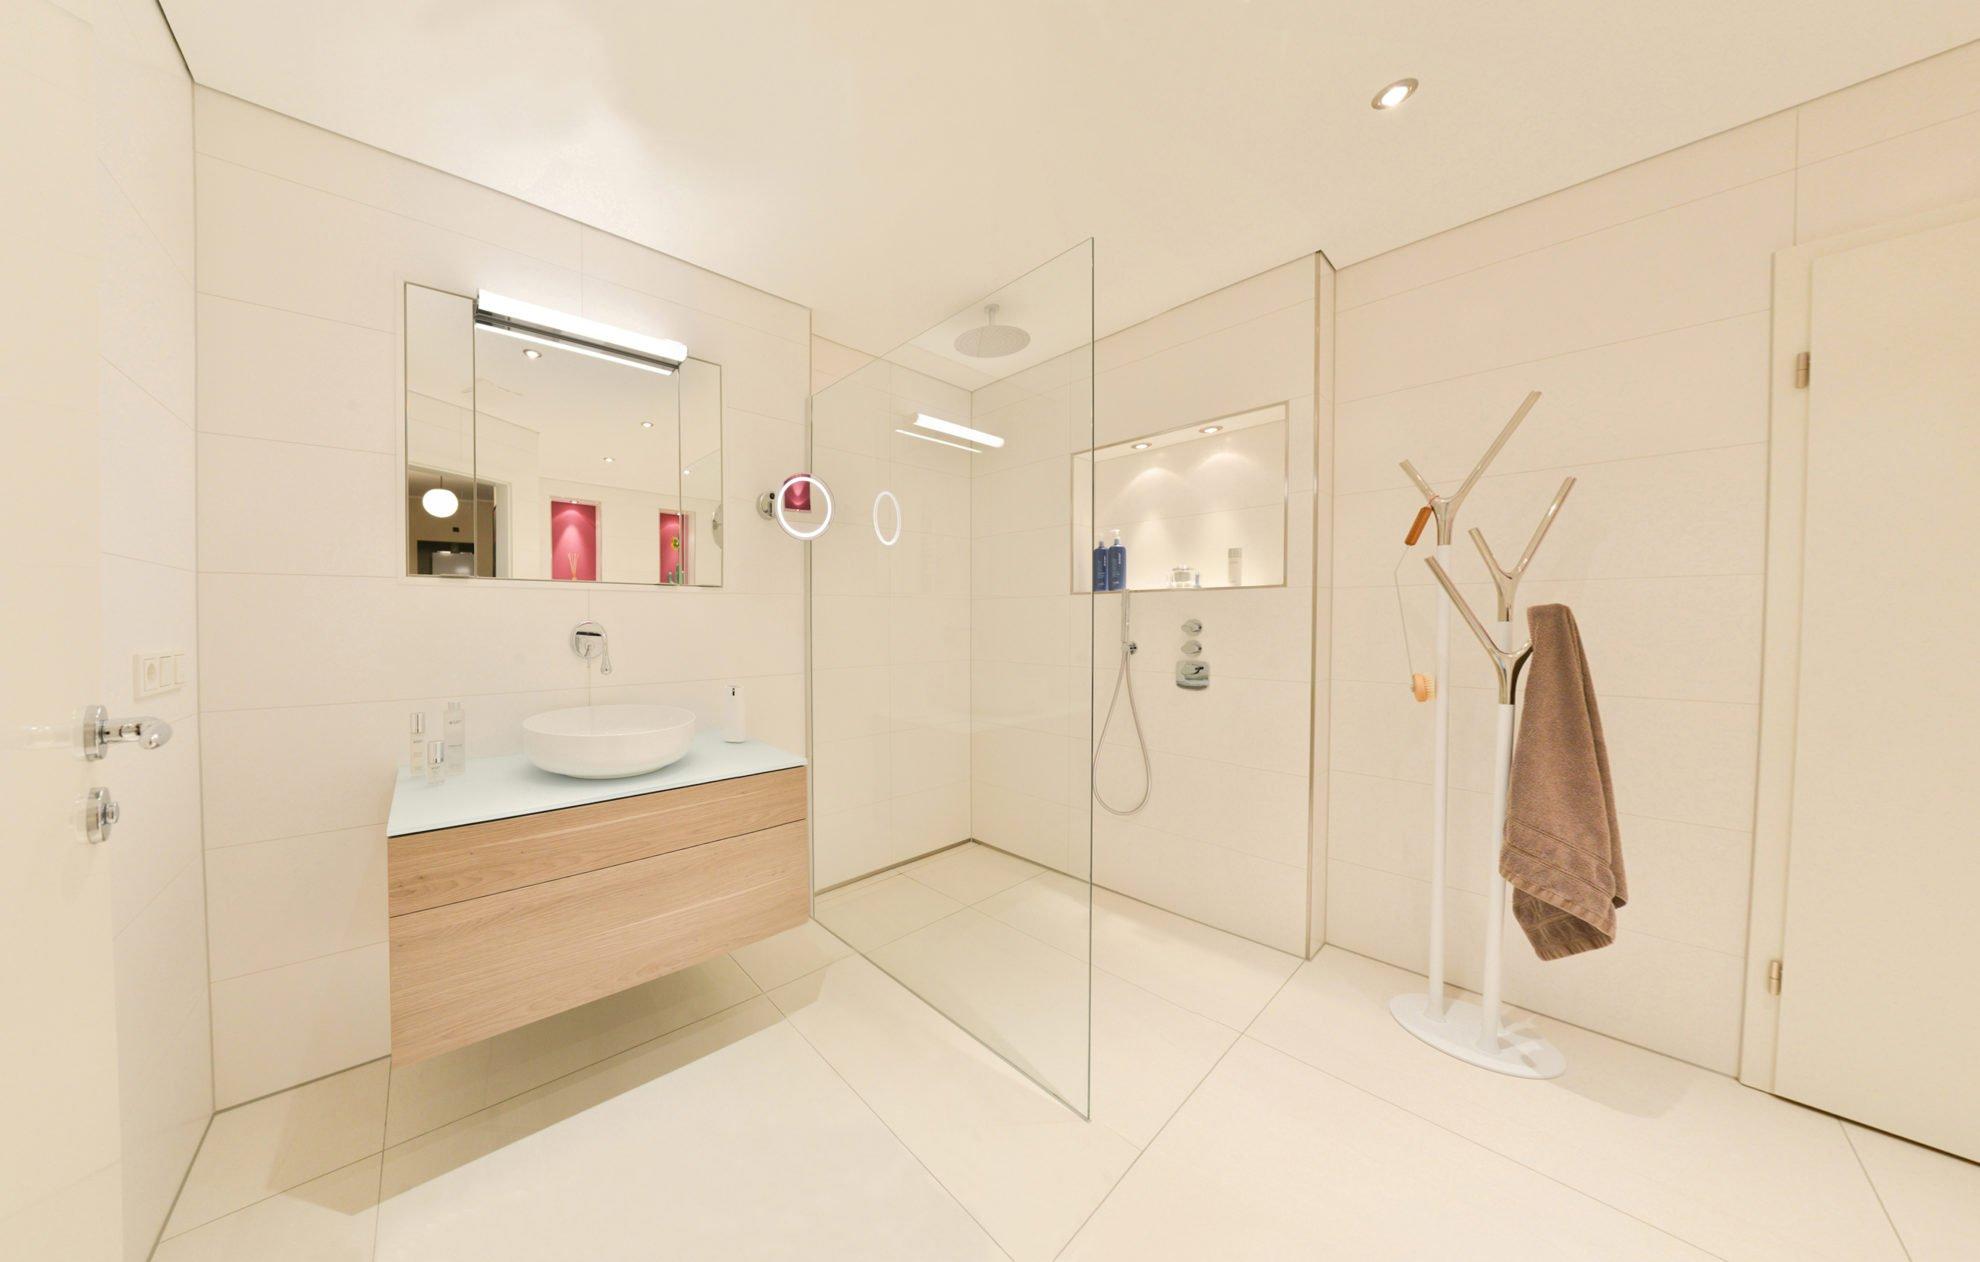 Full Size of Schulte Duschen Bodengleiche Dusche Pendeltür Bluetooth Lautsprecher Fenster Einbauen Kosten Komplett Set Badewanne Glastrennwand Bidet Moderne Hüppe Dusche Bodengleiche Dusche Einbauen